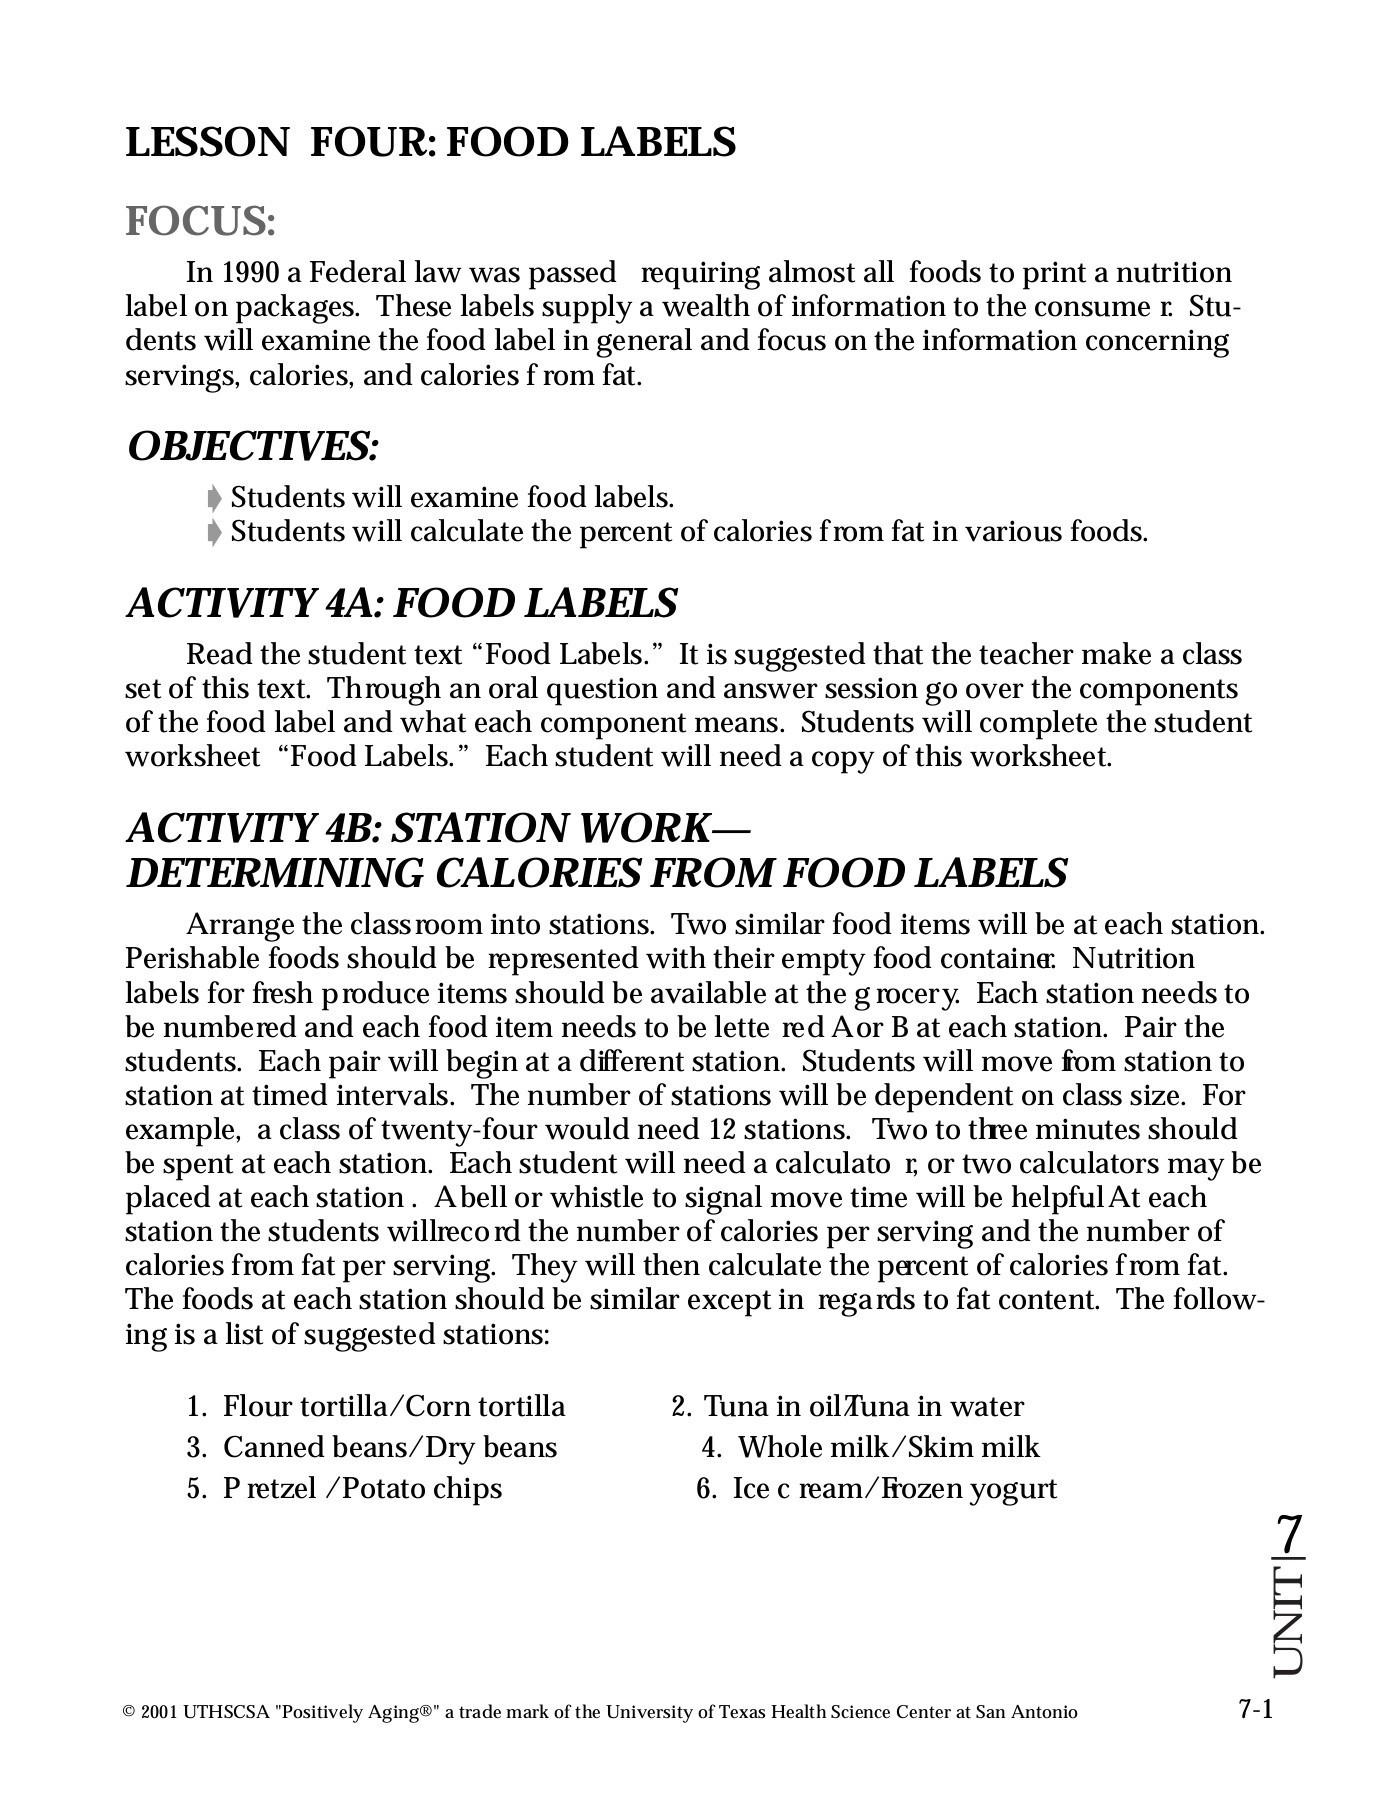 Nutrition Label Worksheet Answers Lesson Four Food Labels Teacher Enrichment Initiatives